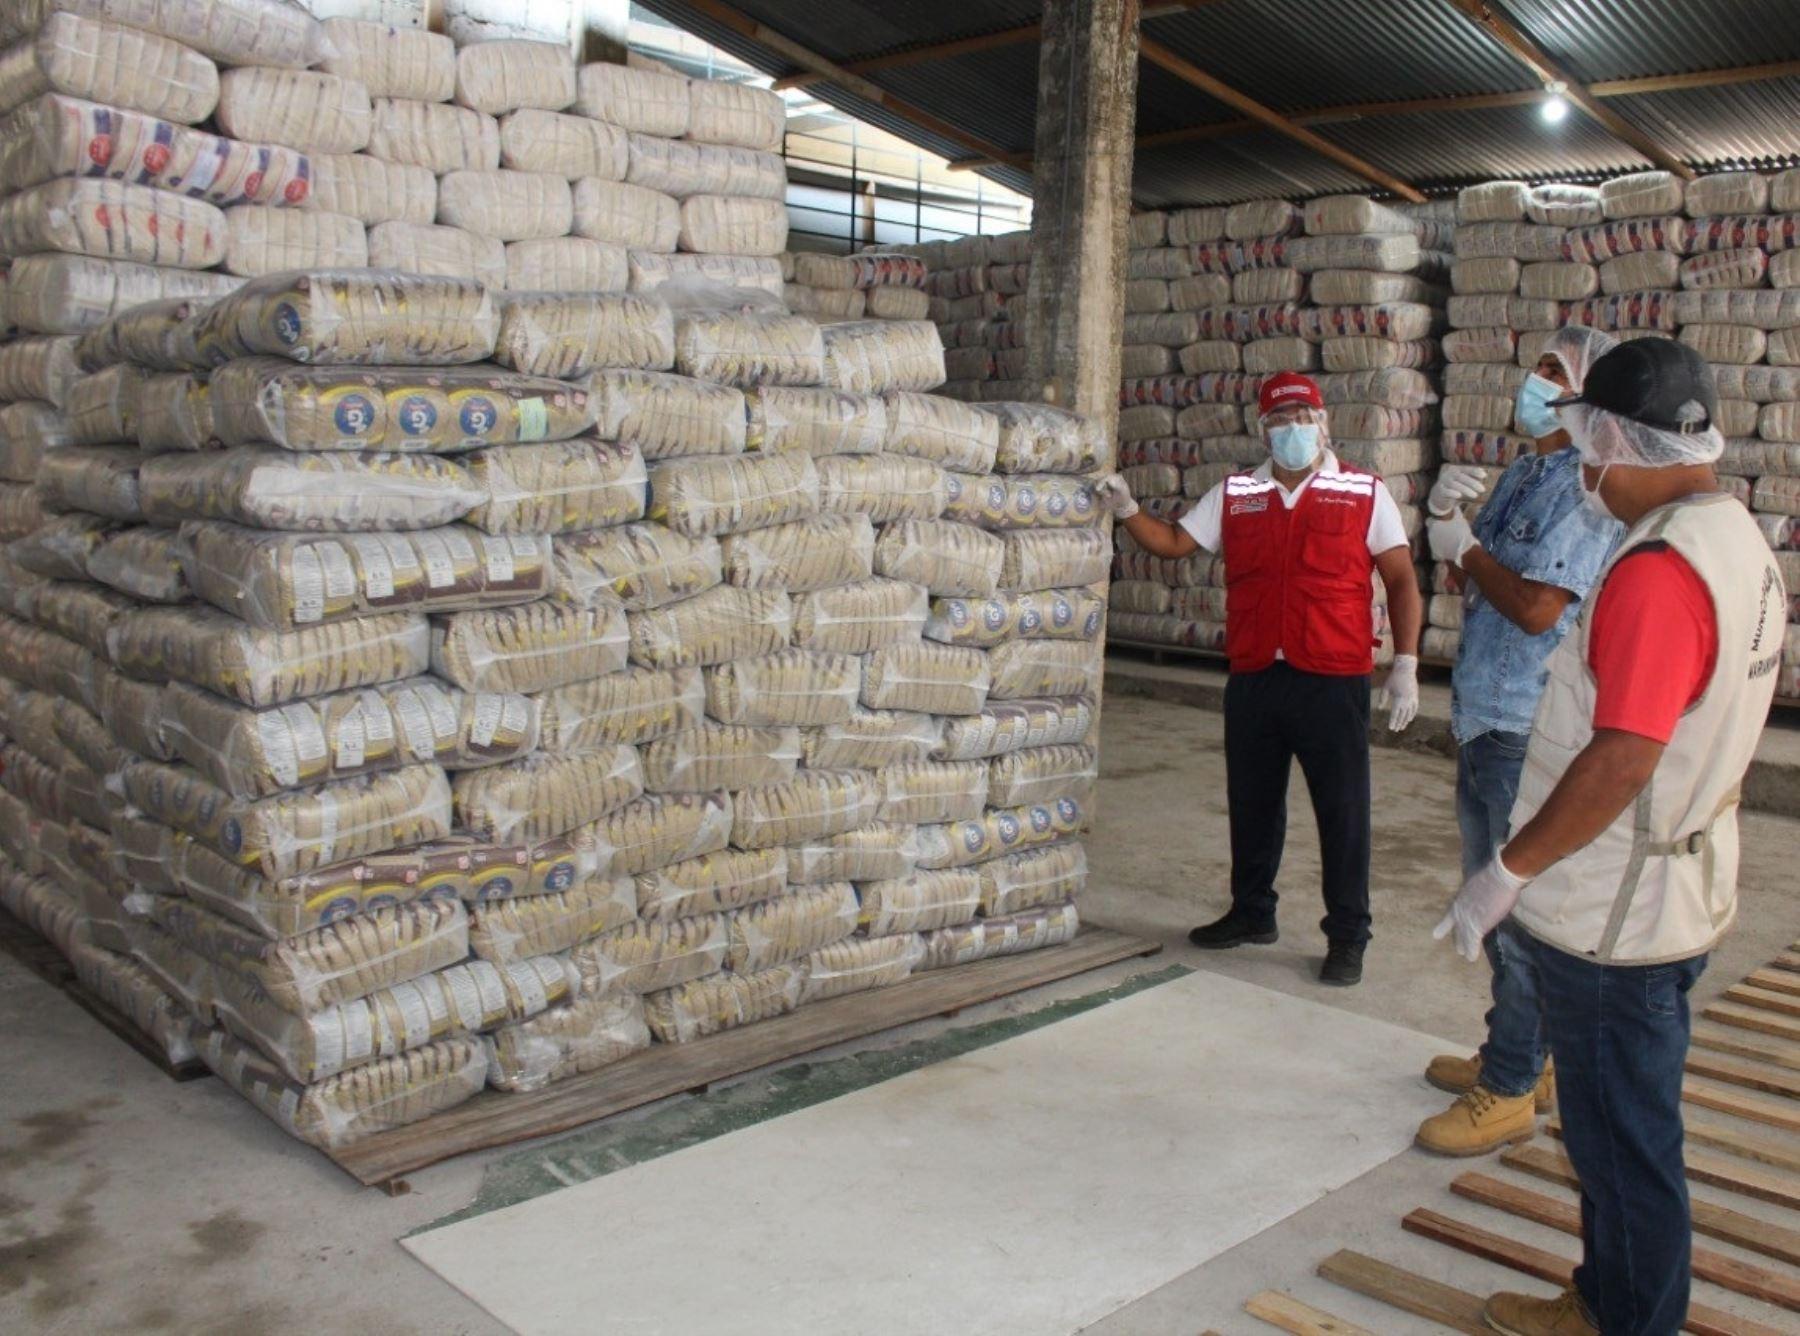 Siete municipios de Huánuco reciben 438 toneladas de alimentos de Qali Warma. Los productos se entregarán a las personas en situación de vulnerabilidad por la pandemia de coronavirus (covid-19). ANDINA/Difusión